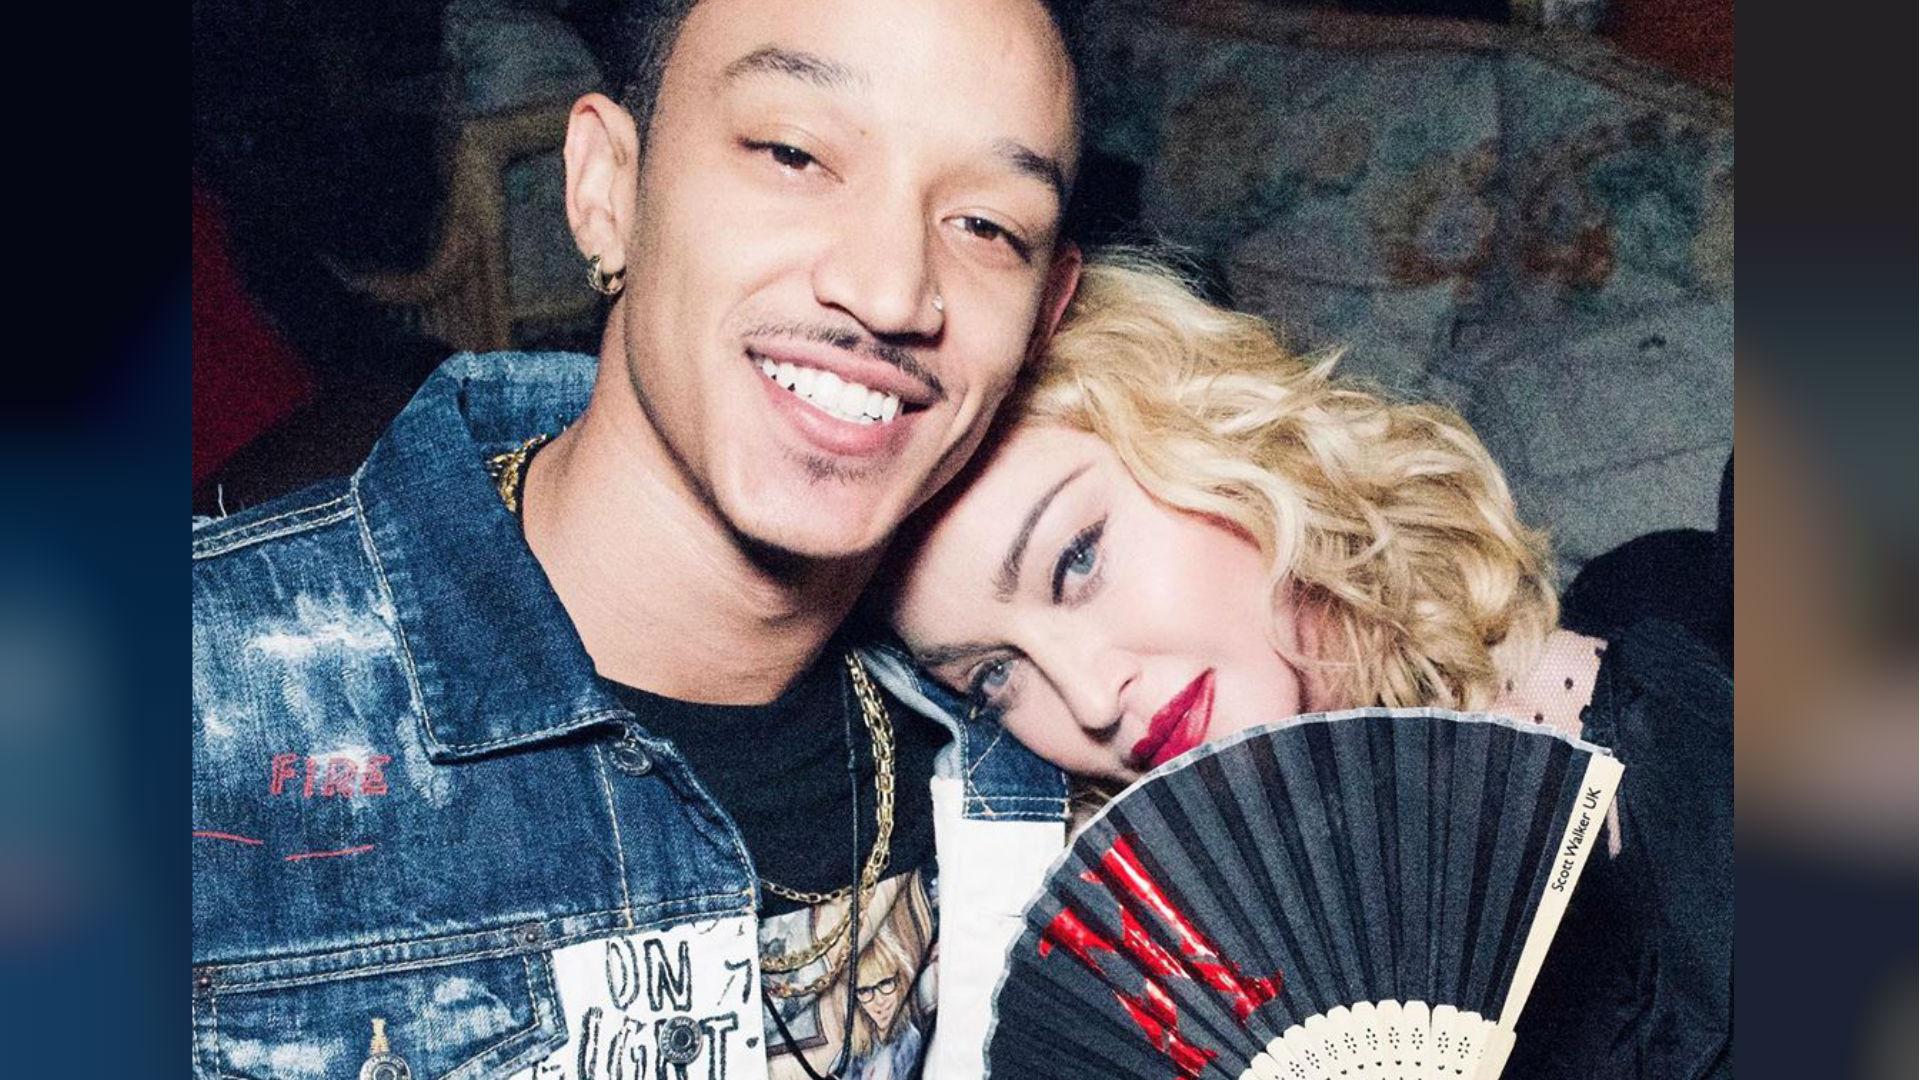 Madonna celebra con su novio de 26 años su nuevo éxito musical